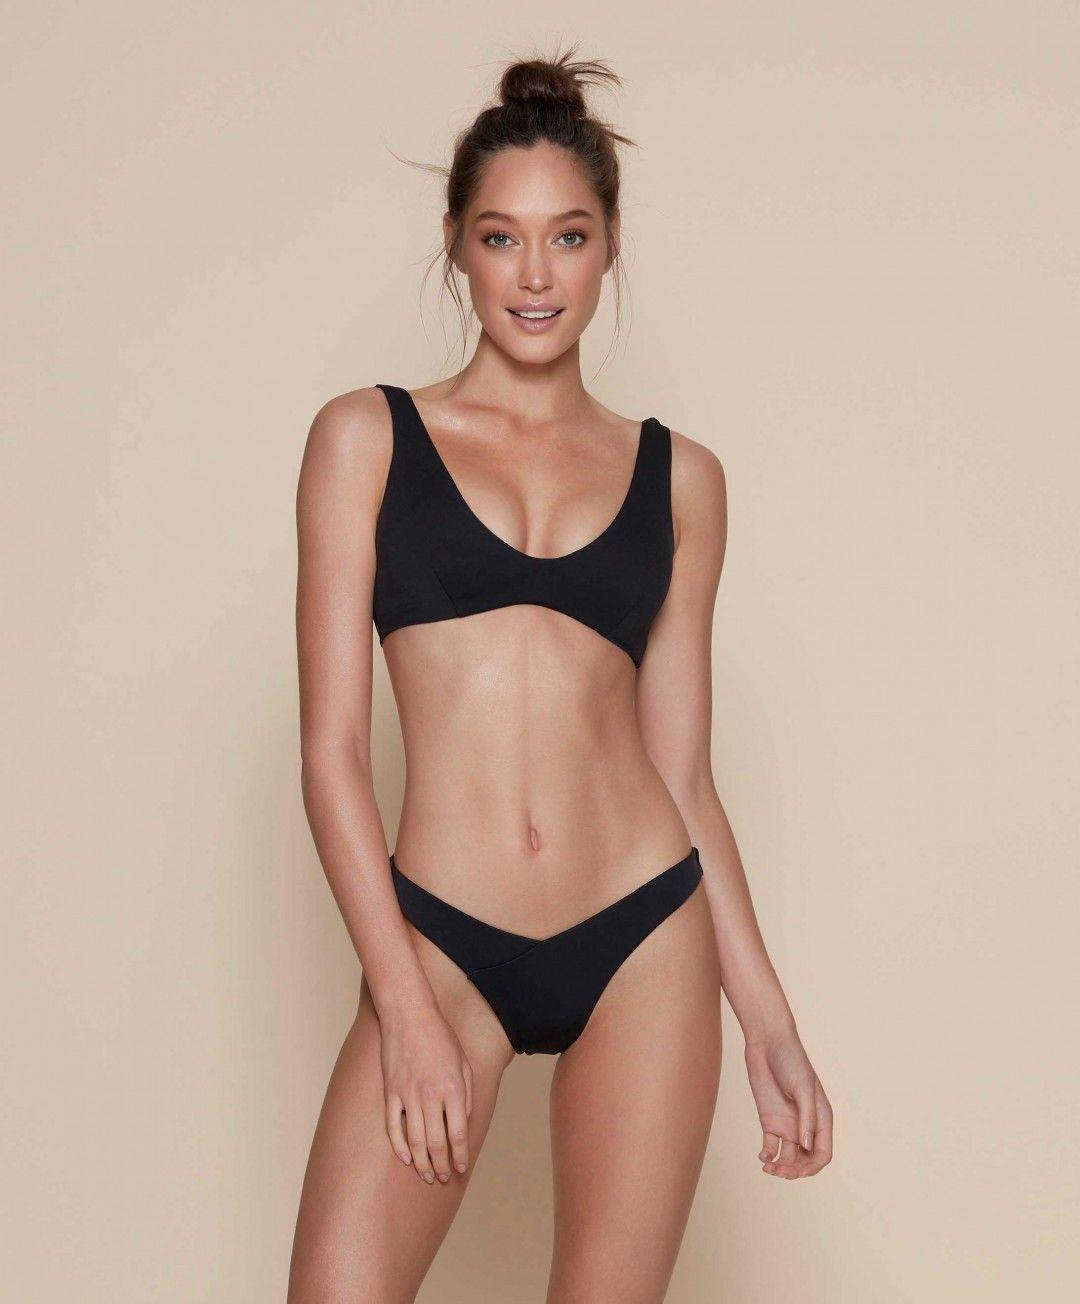 ec315244a9eec NOAH TOP #bikini #swimwear #kopperandzinc   Swimwear in 2019